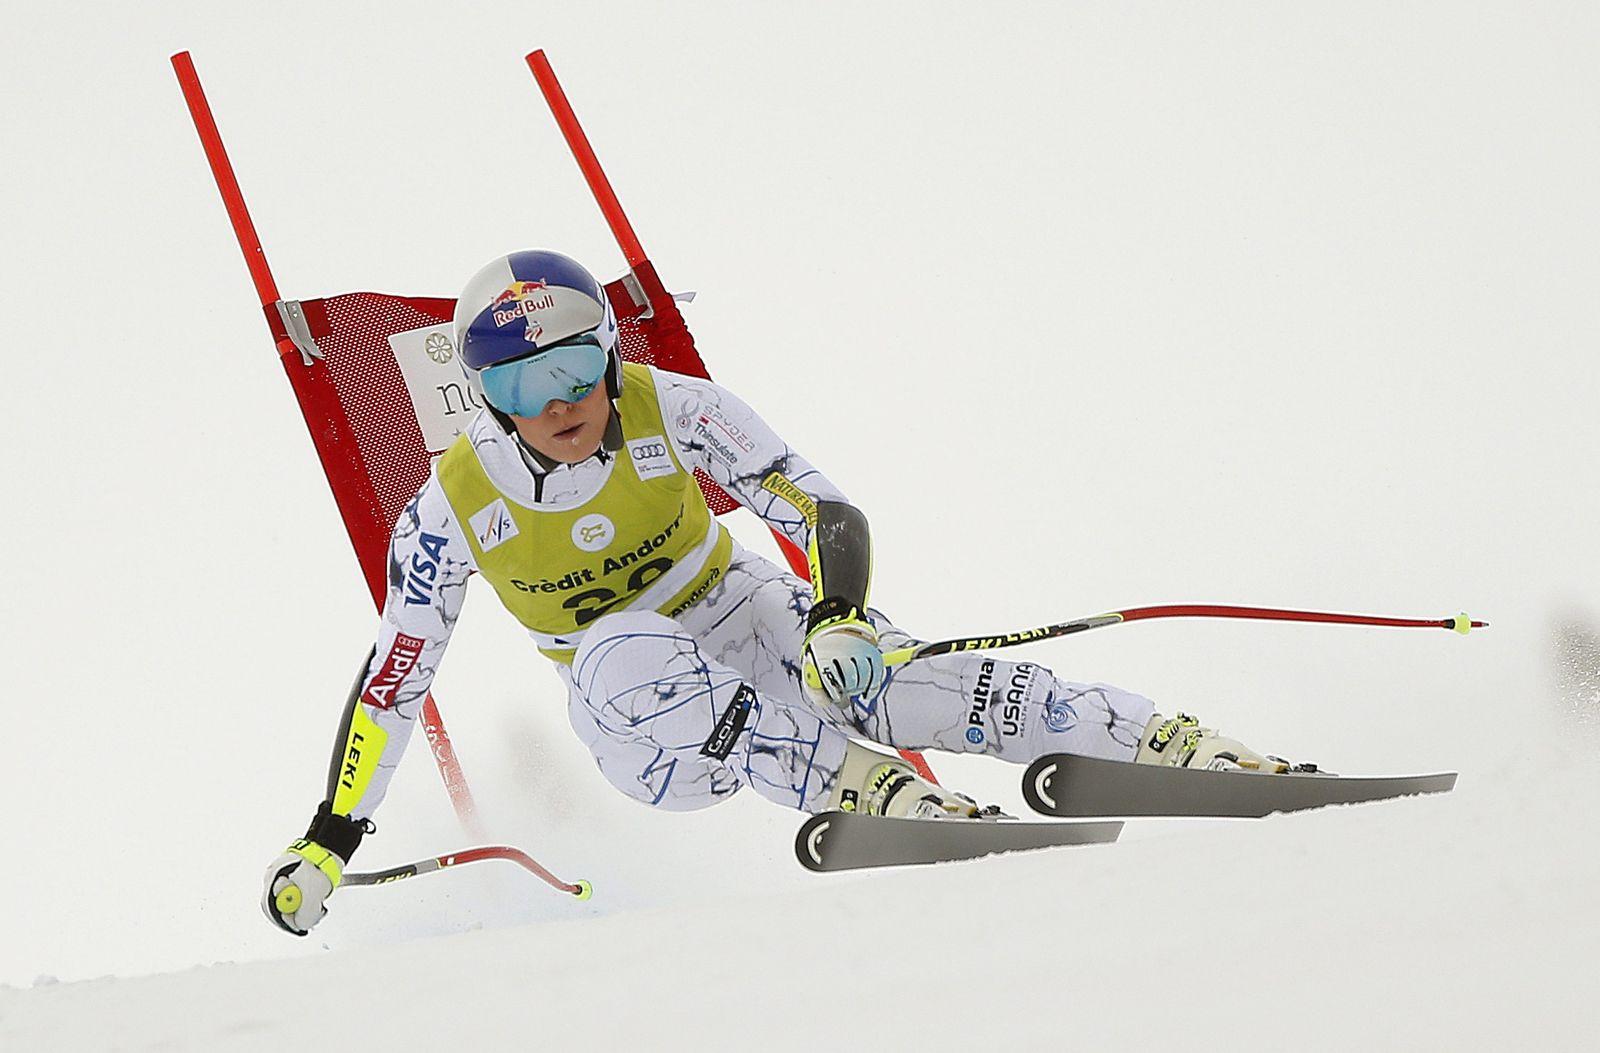 FIS Alpine Skiing World Cup in Soldeu-El Tarter